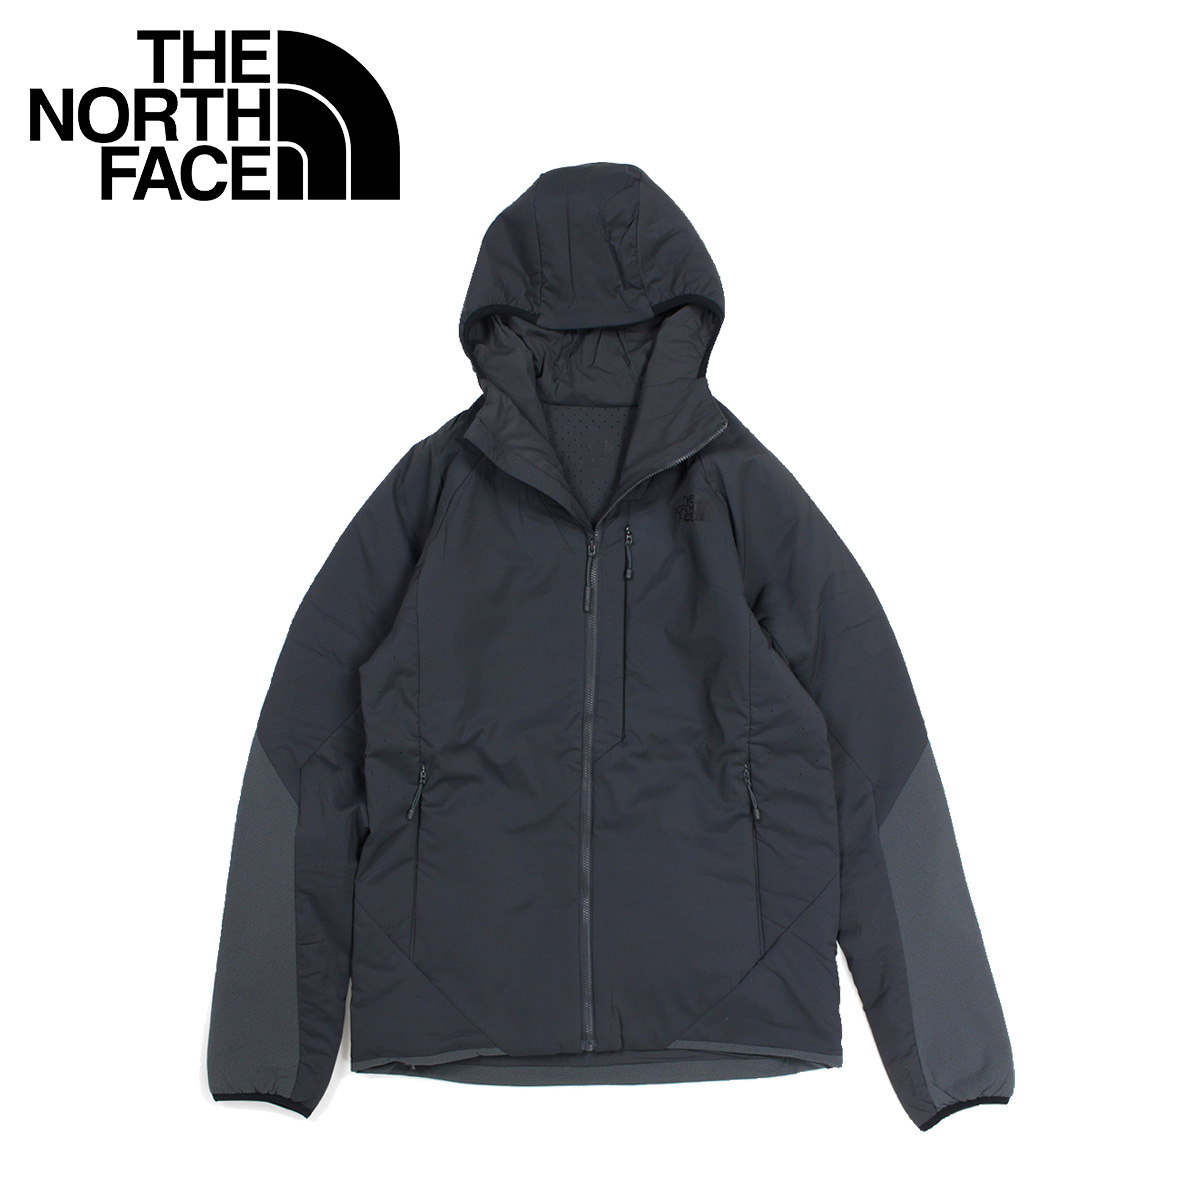 【最大2000円OFFクーポン】 ノースフェイス THE NORTH FACE ジャケット マウンテンパーカー メンズ MENS VENTRIX HOODY グレー NF0A39ND